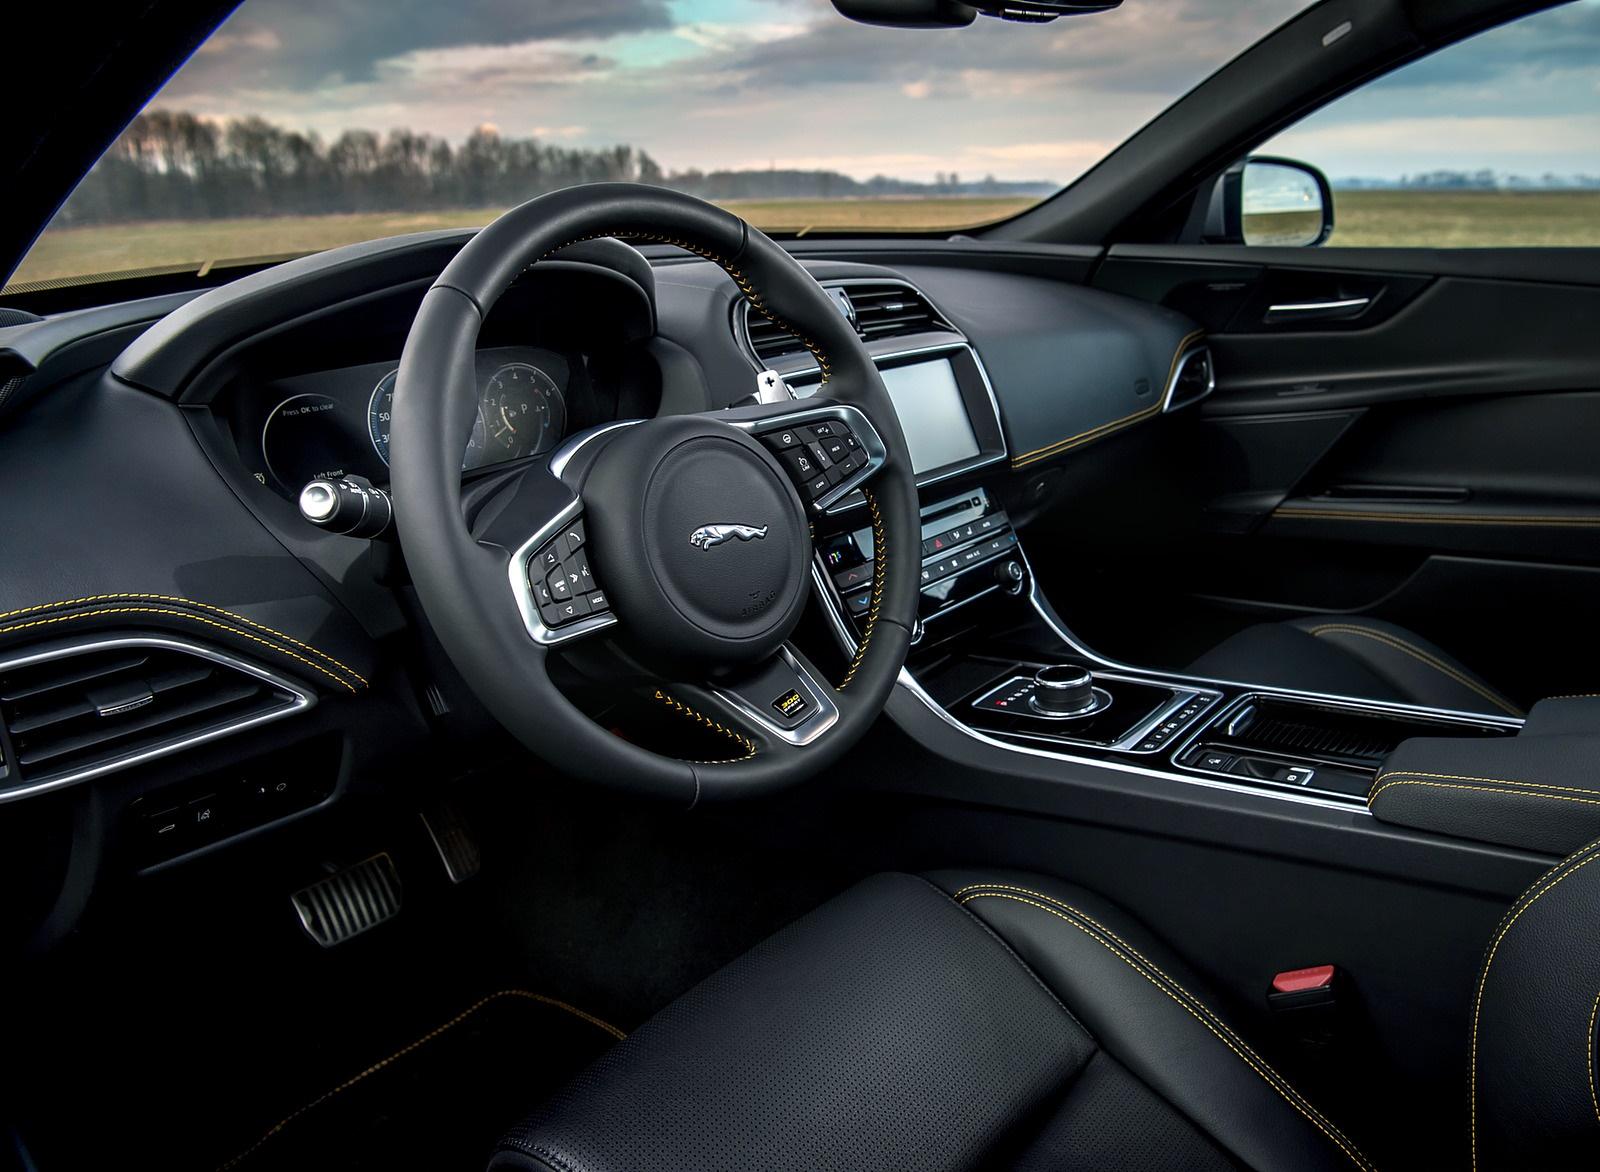 2019 Jaguar XE 300 SPORT Interior Wallpaper (15)